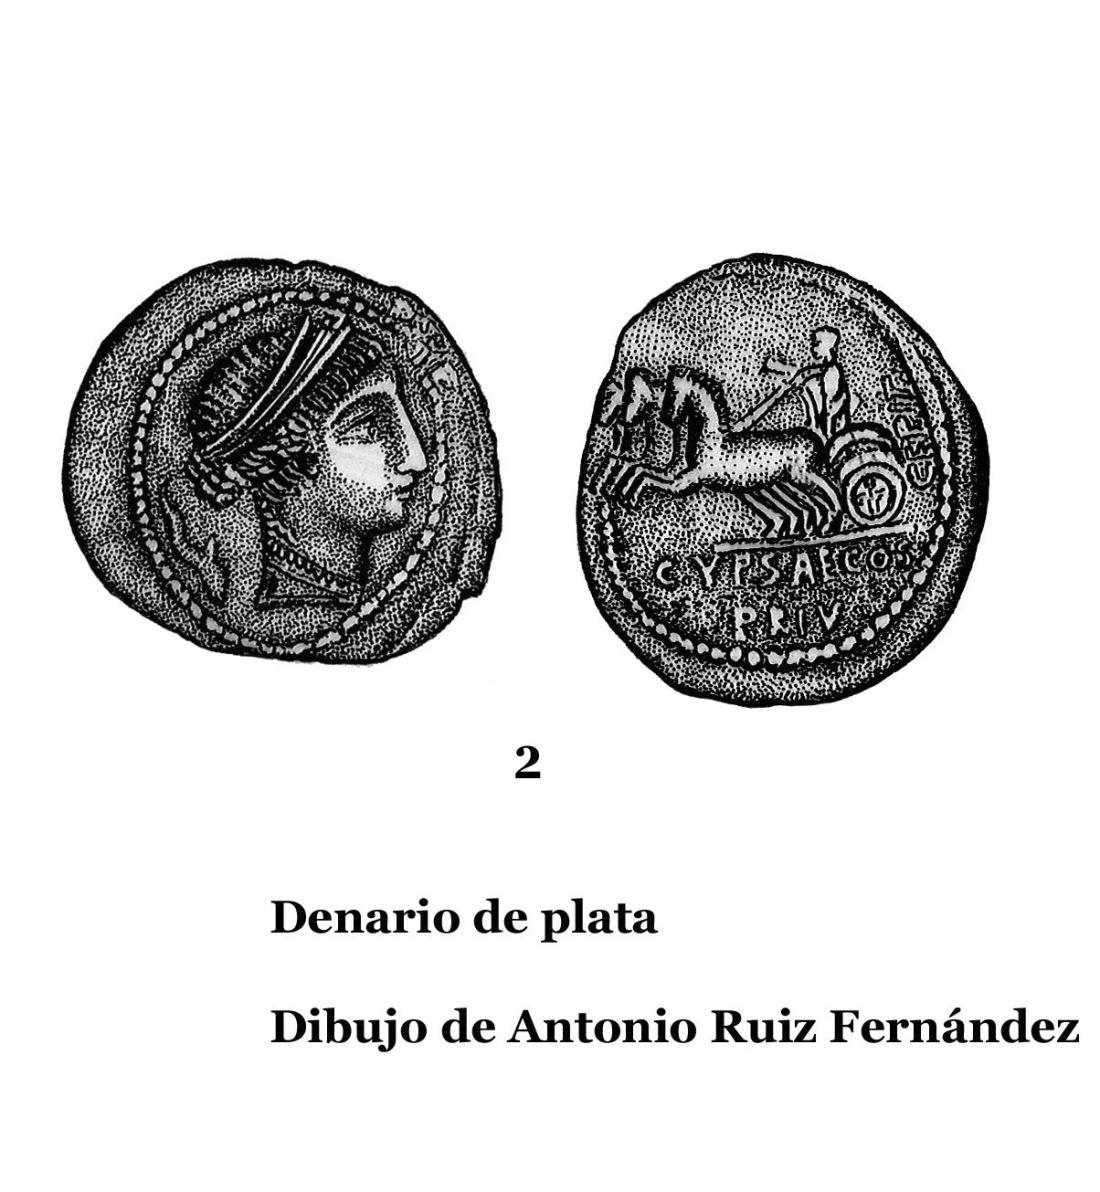 2DENARIOS DE PLATA, DIBUJOS 2 copia